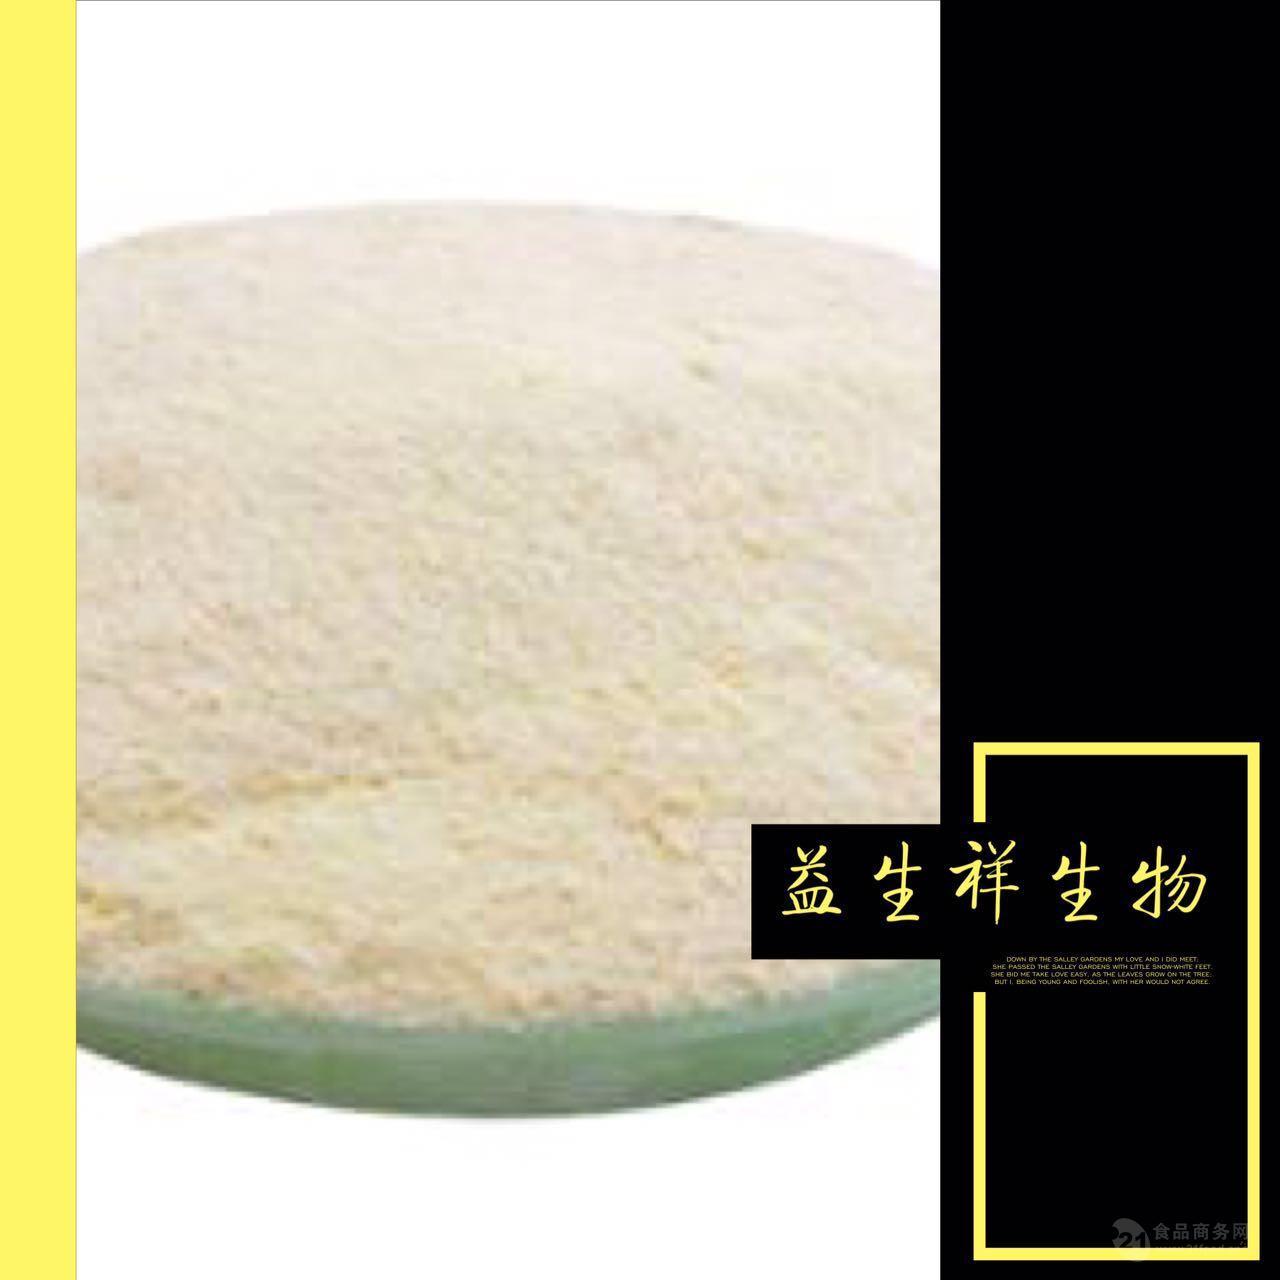 厂价直销膨化糙米粉(膨化或者炒制)糙米粉 五谷杂粮粉 熟化粉